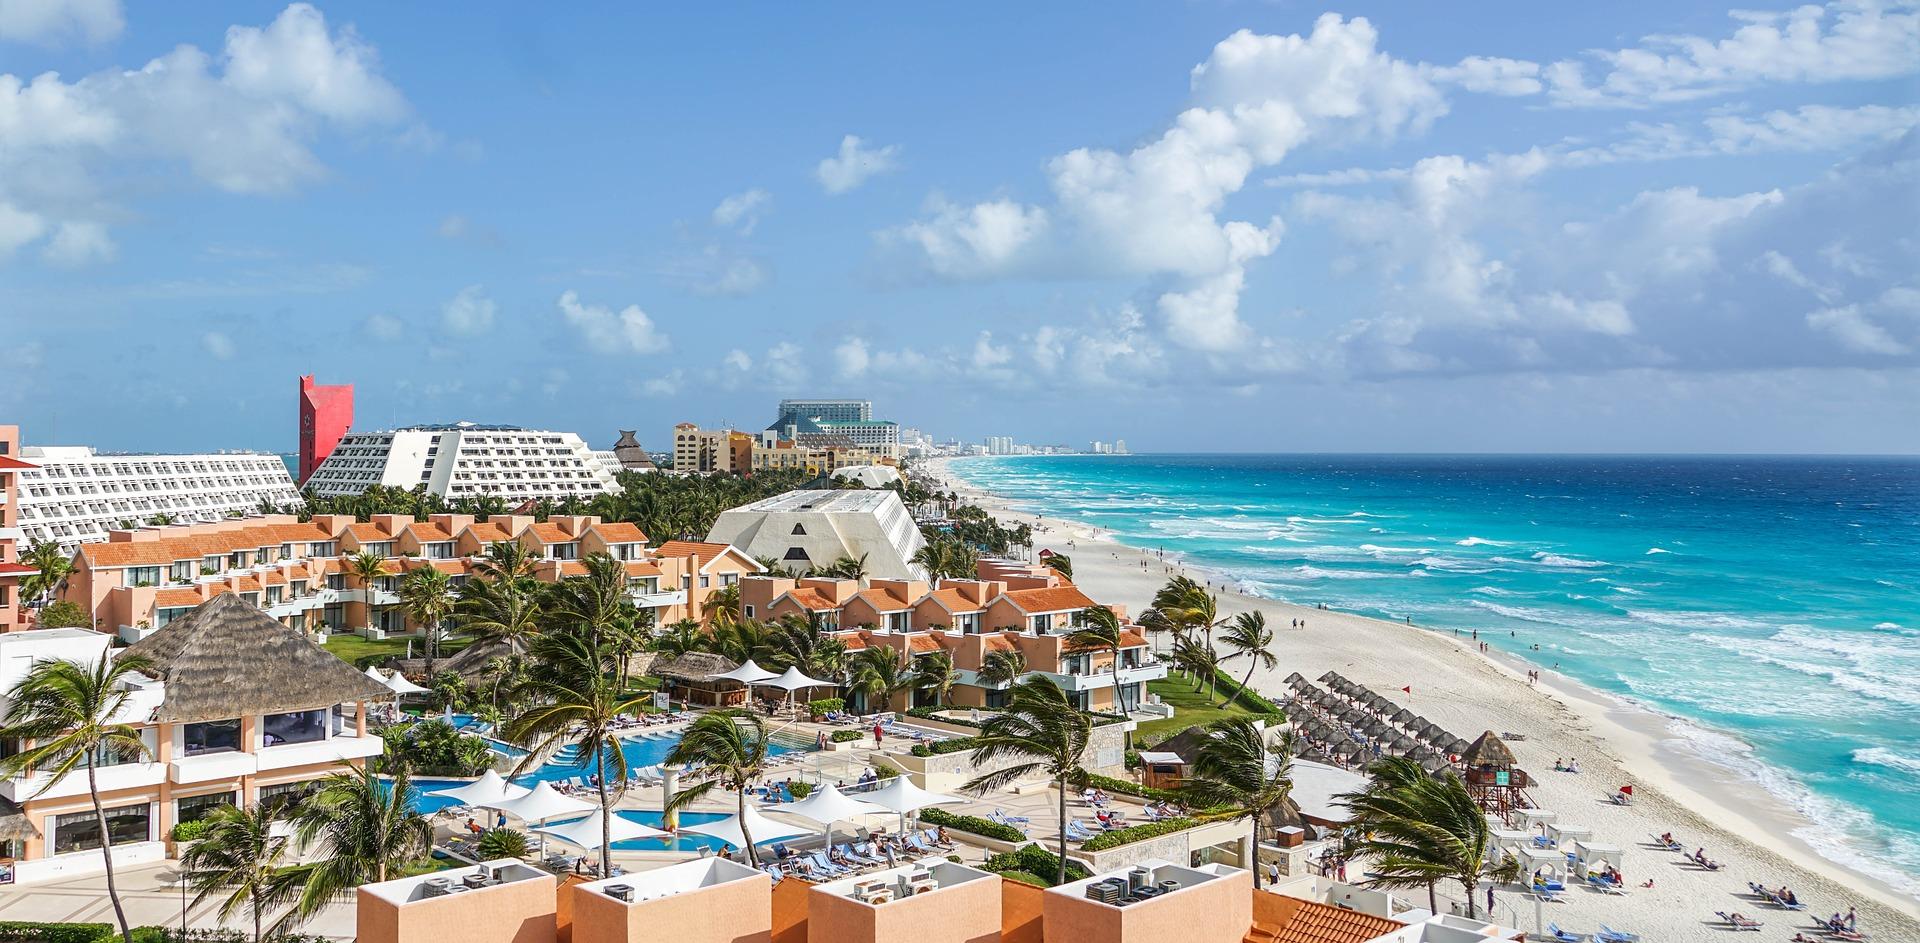 Sprachreise nach Mexiko: Empfehlungen & Vergleich (01/21)